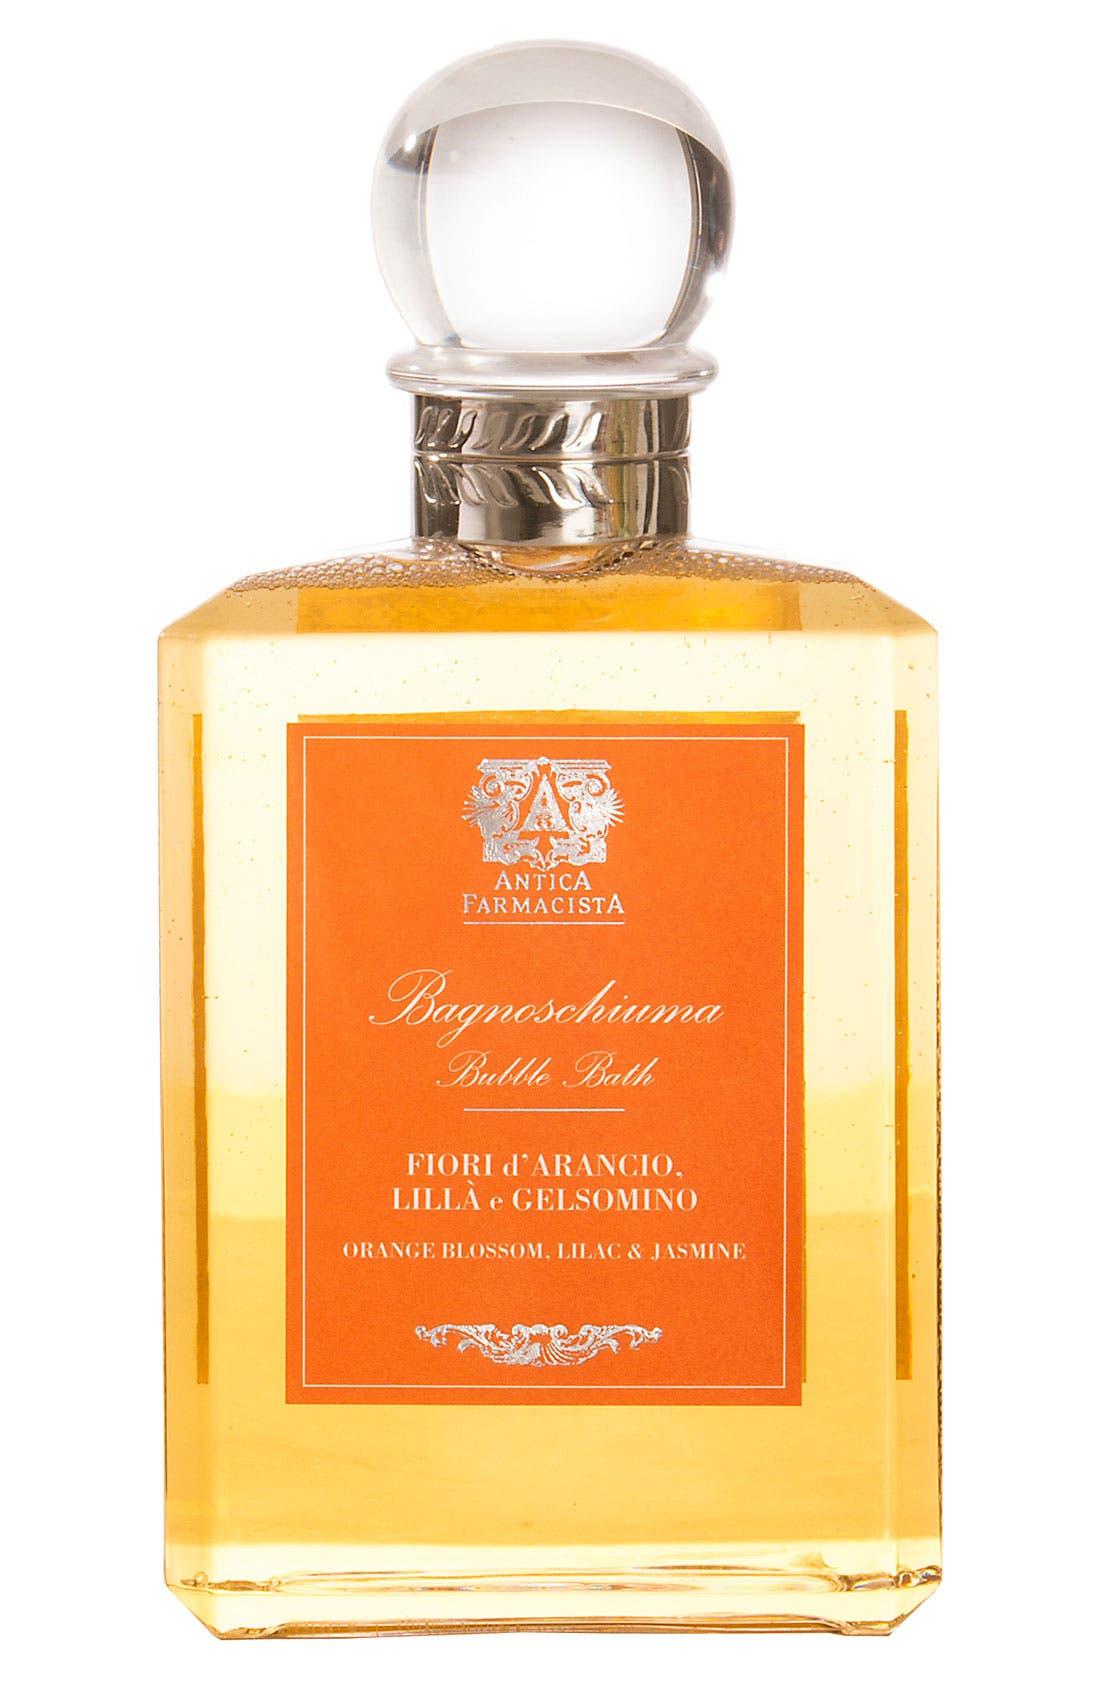 Antica Farmacista 'Orange Blossom, Lilac & Jasmine' Bubble Bath